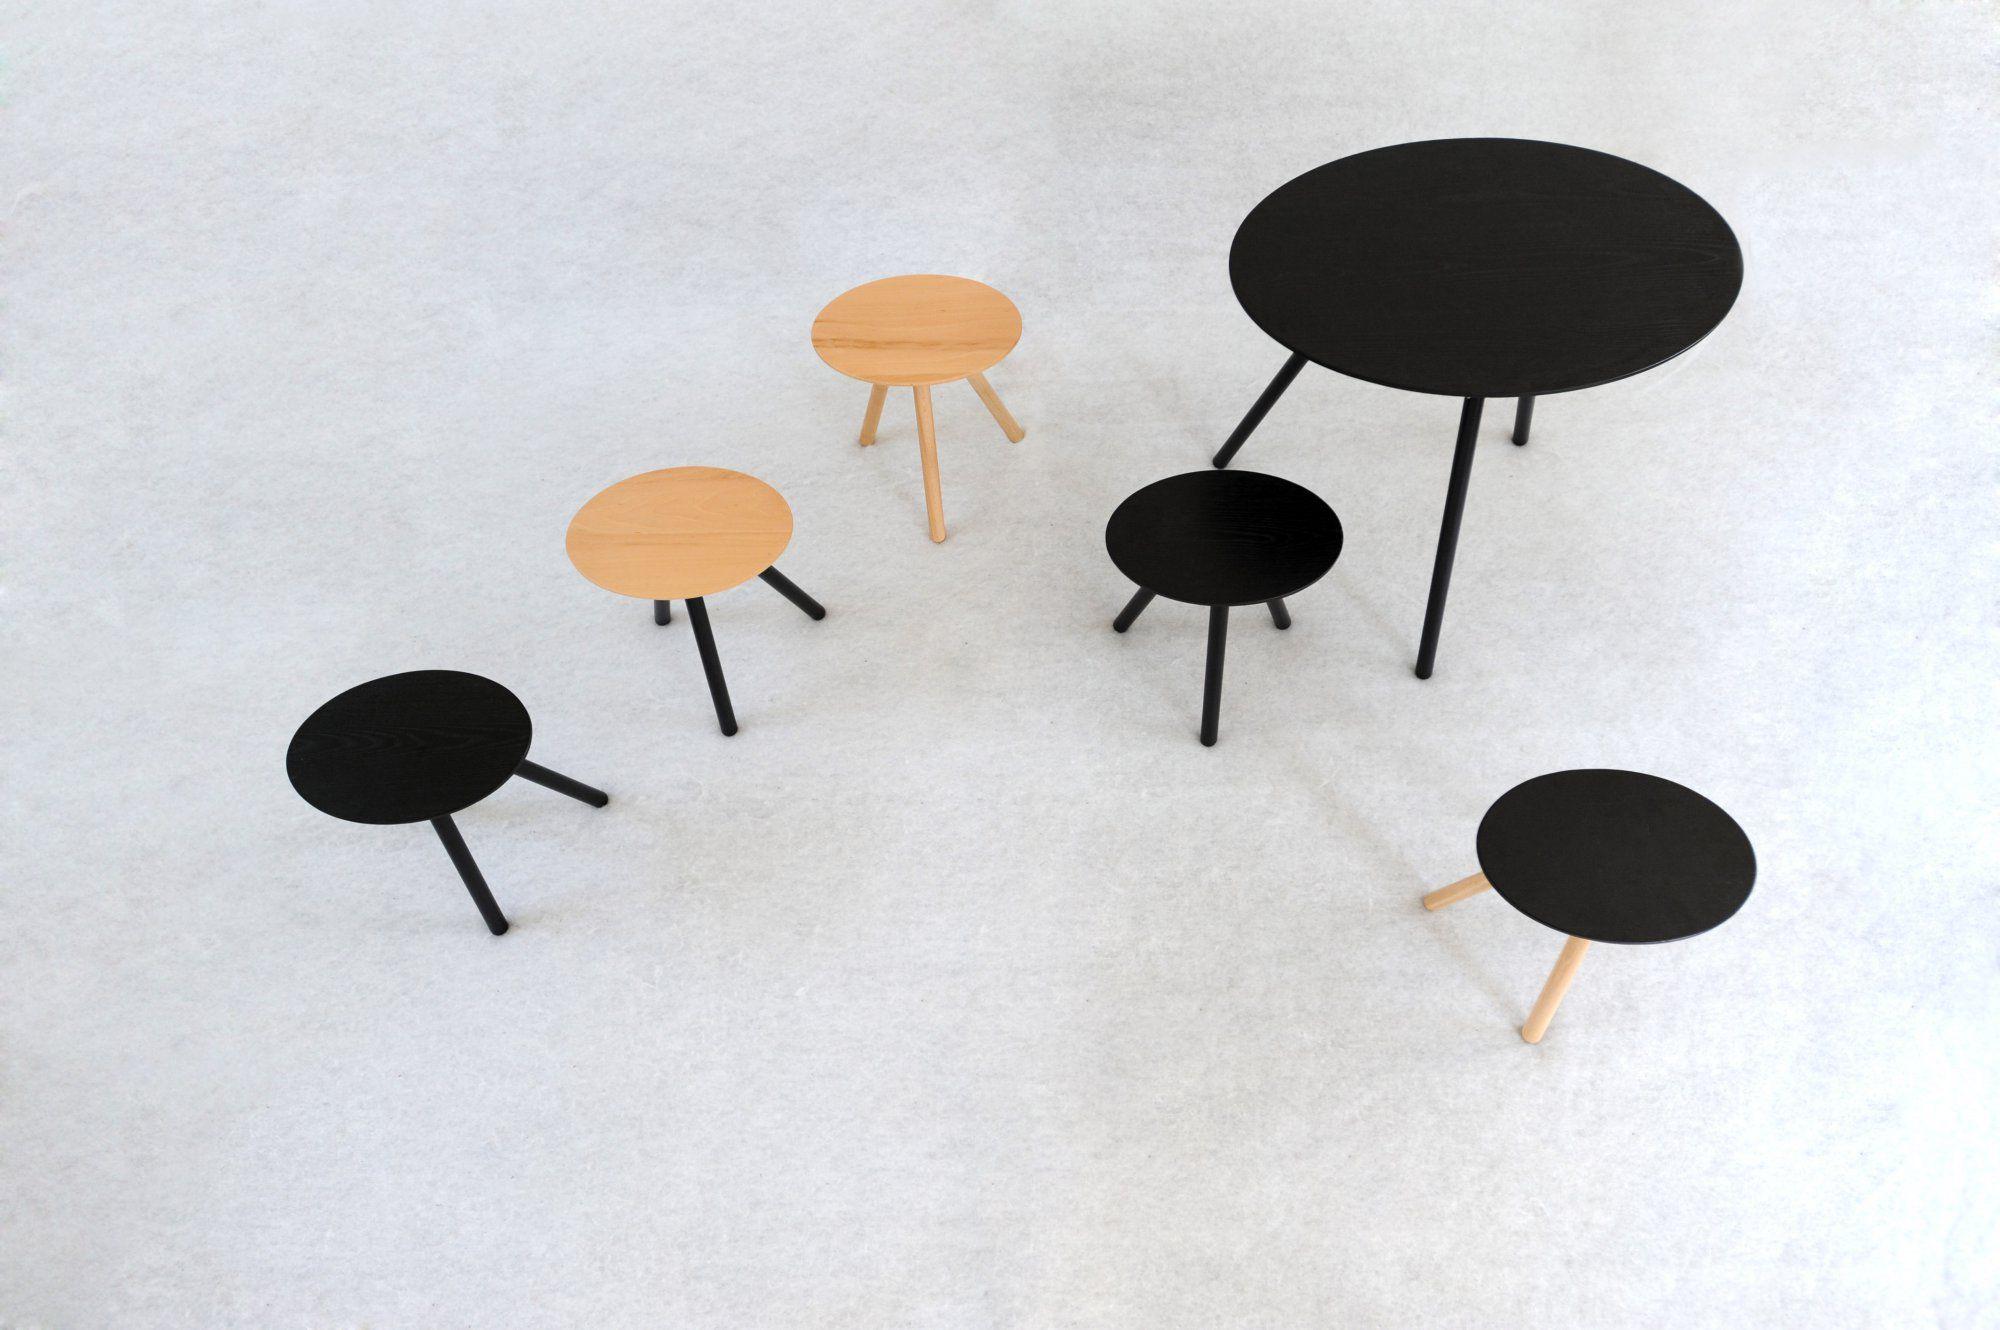 Sgabello In Legno Pieghevole : Sgabello moderno in legno pieghevole nero 2d by sebastian